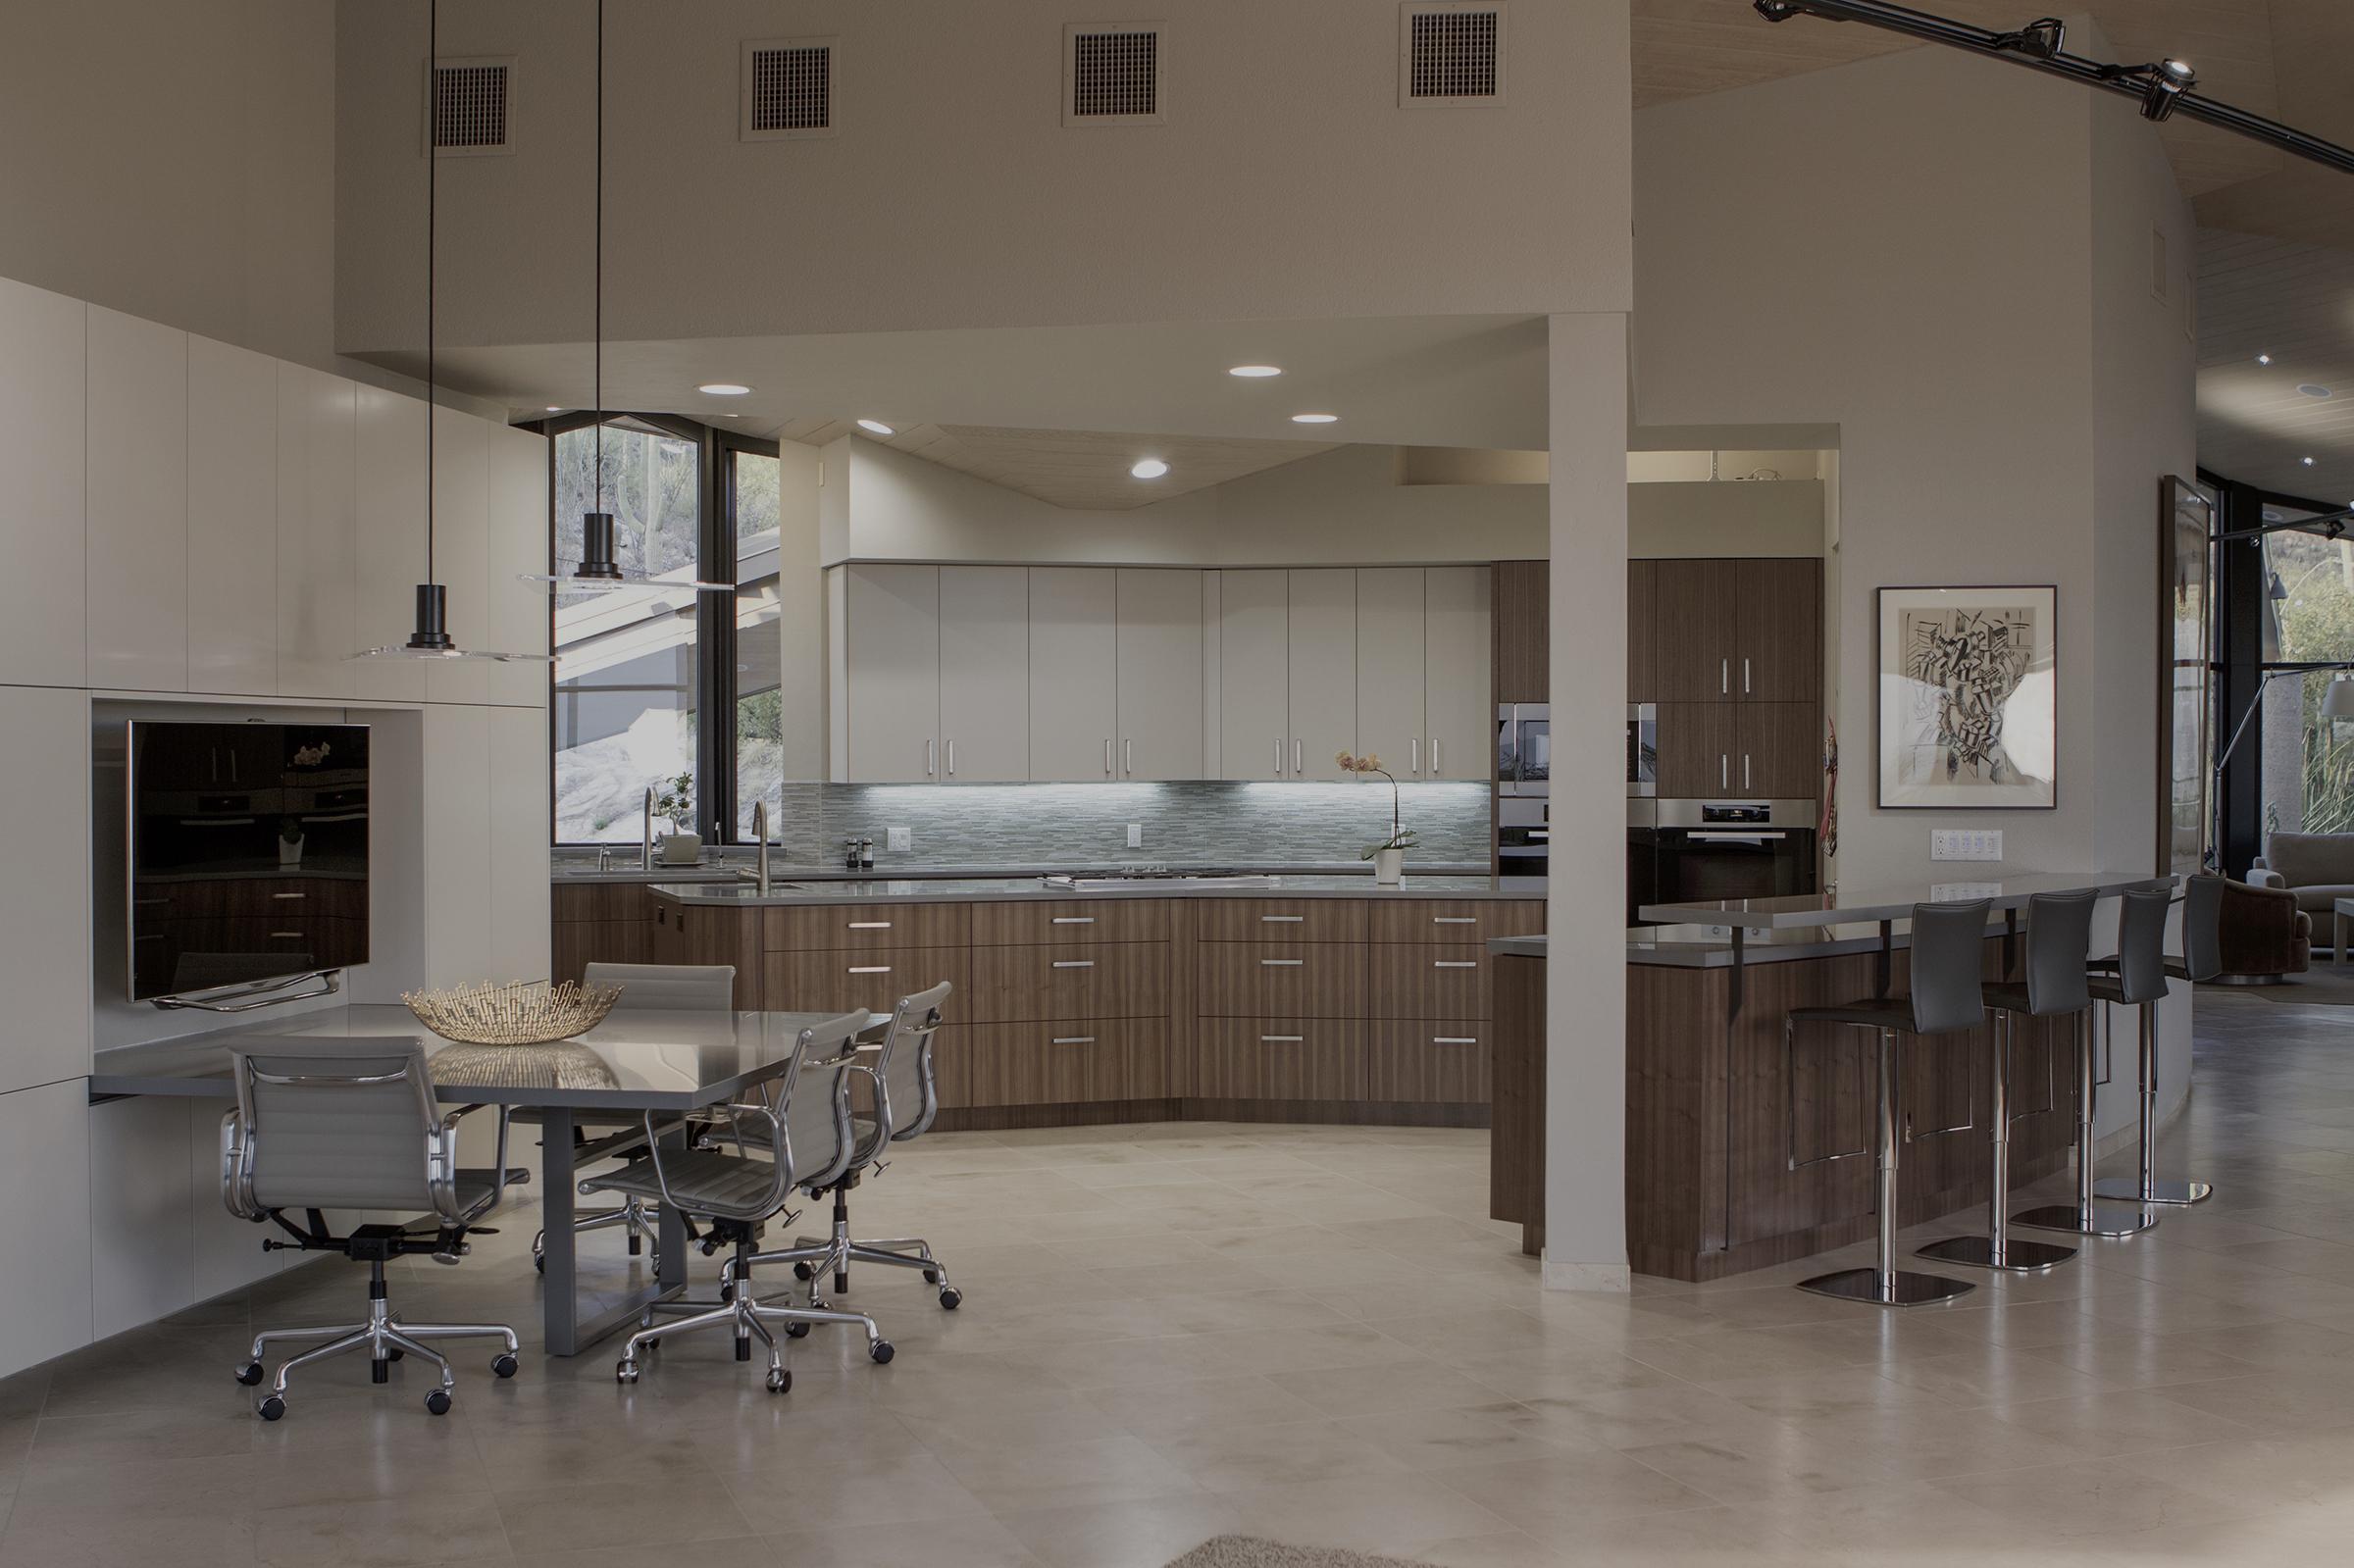 baker_kitchen.jpg